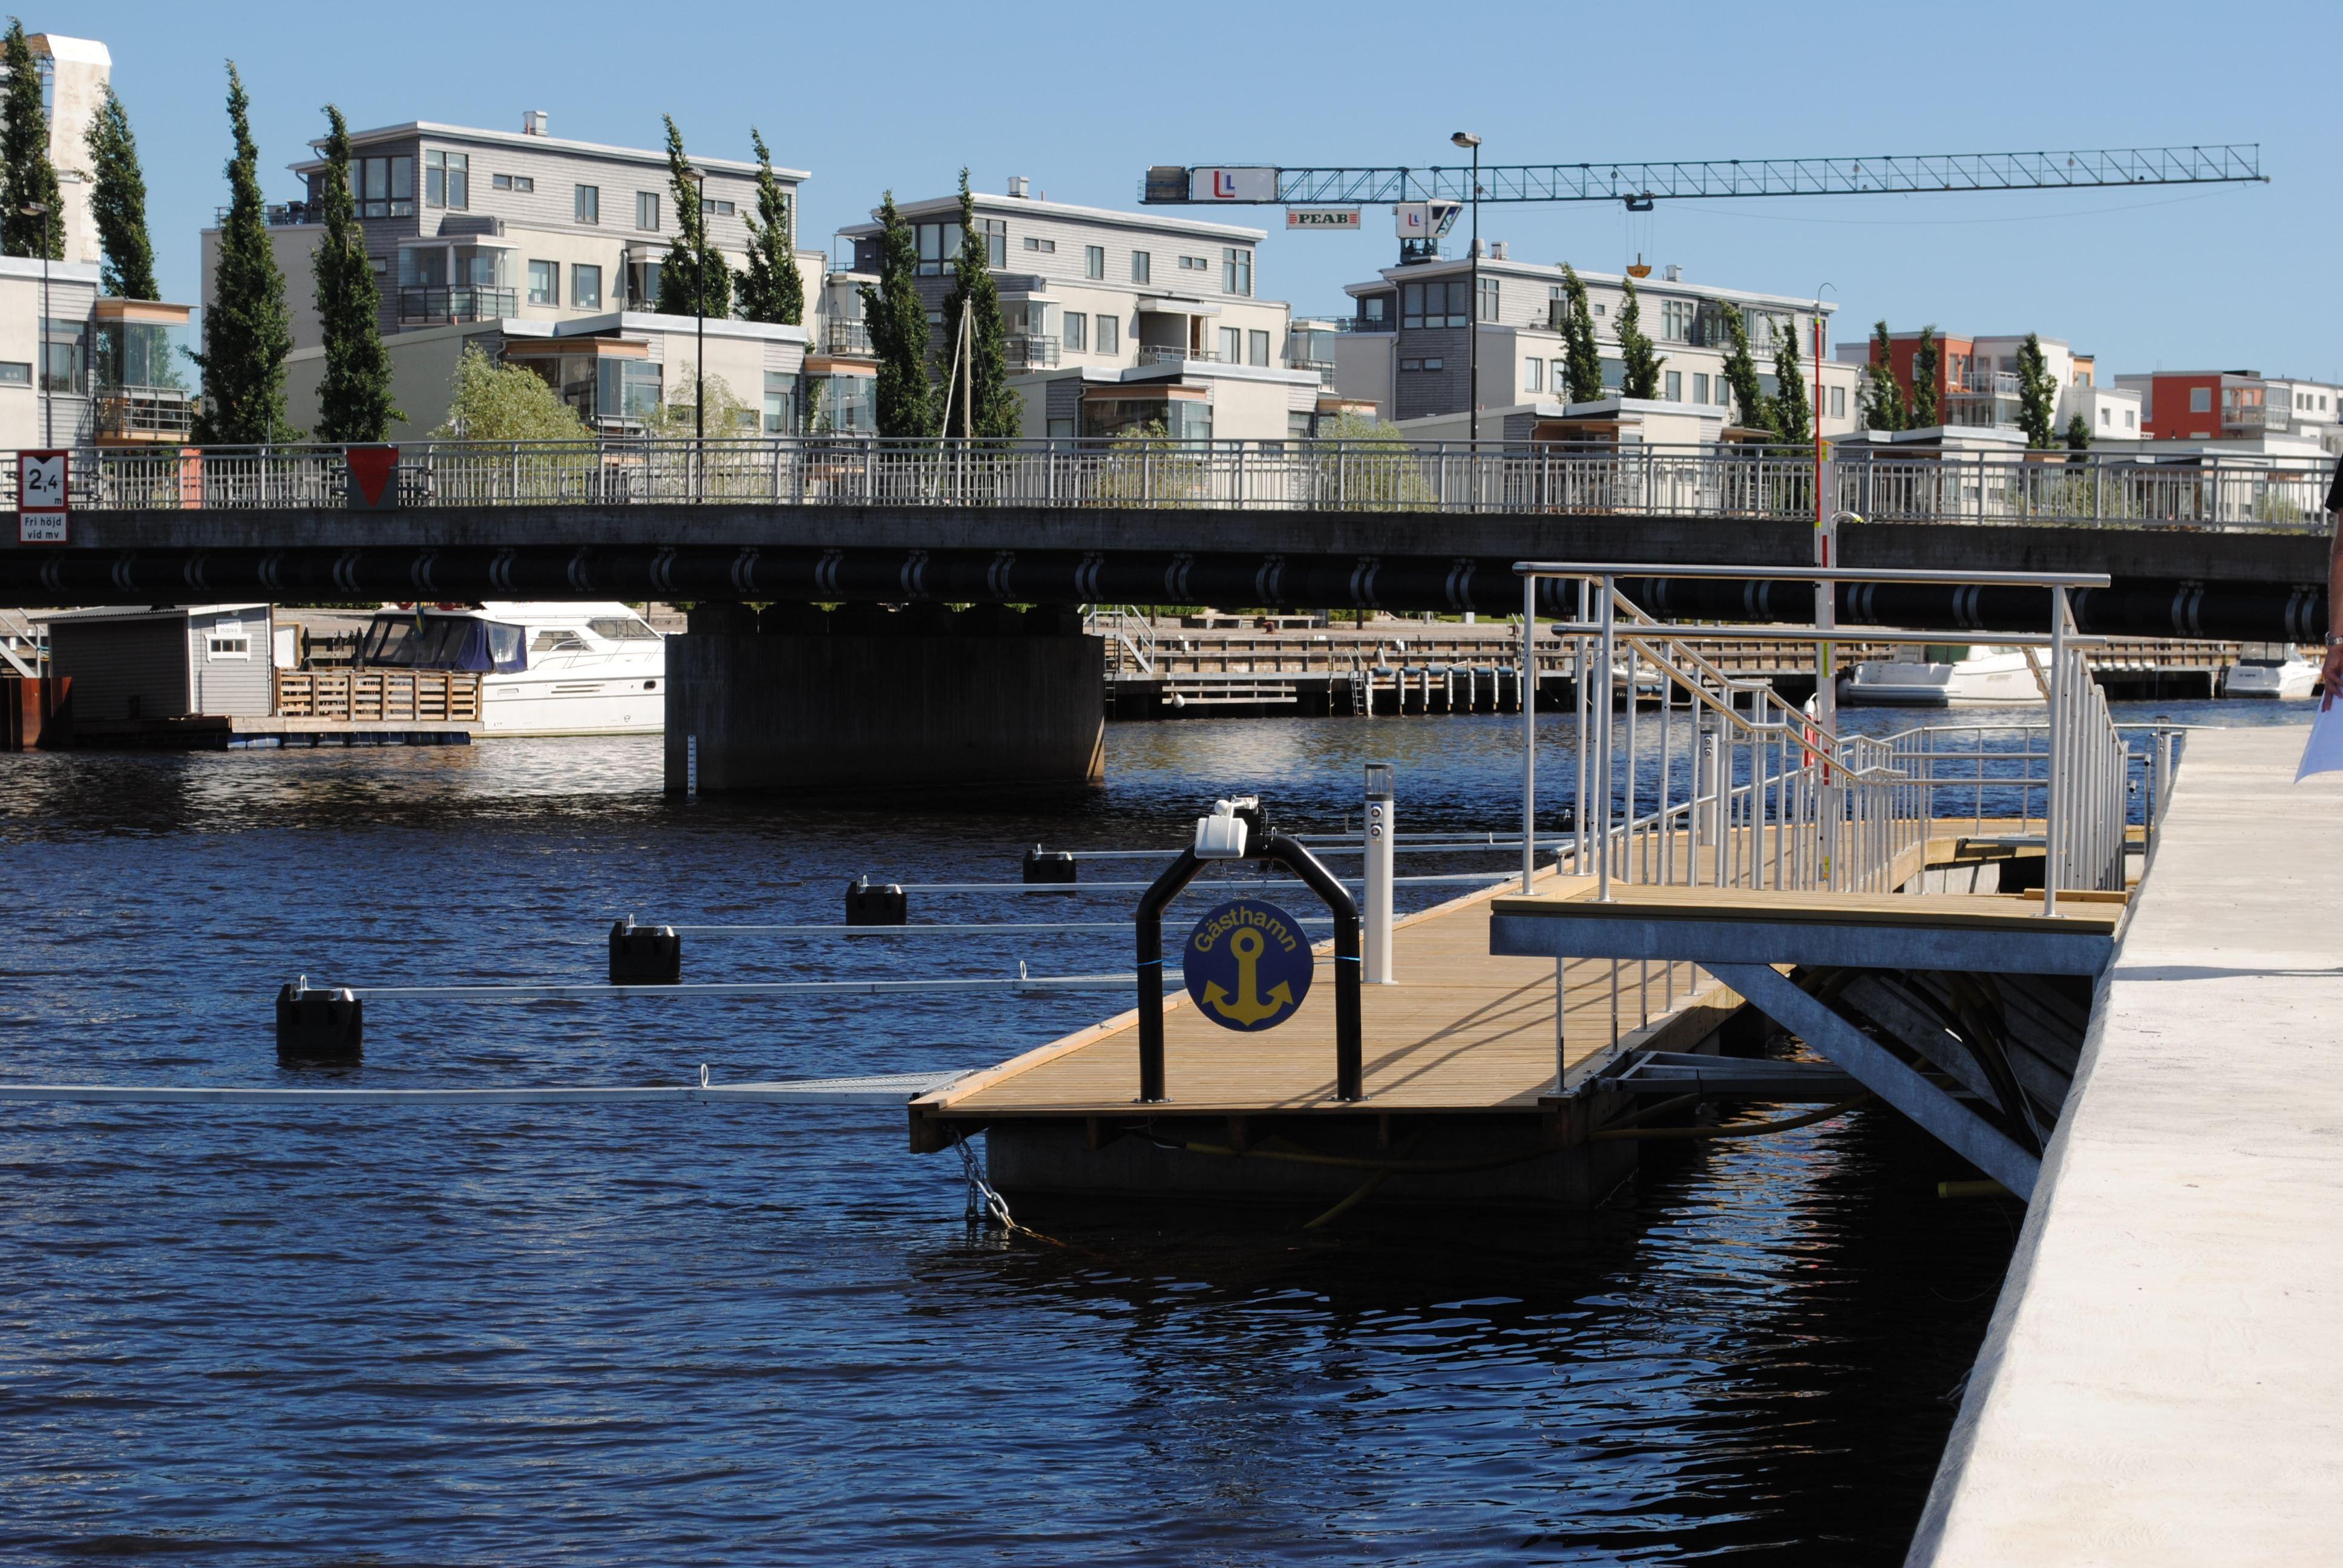 Gävle's Guest Marina